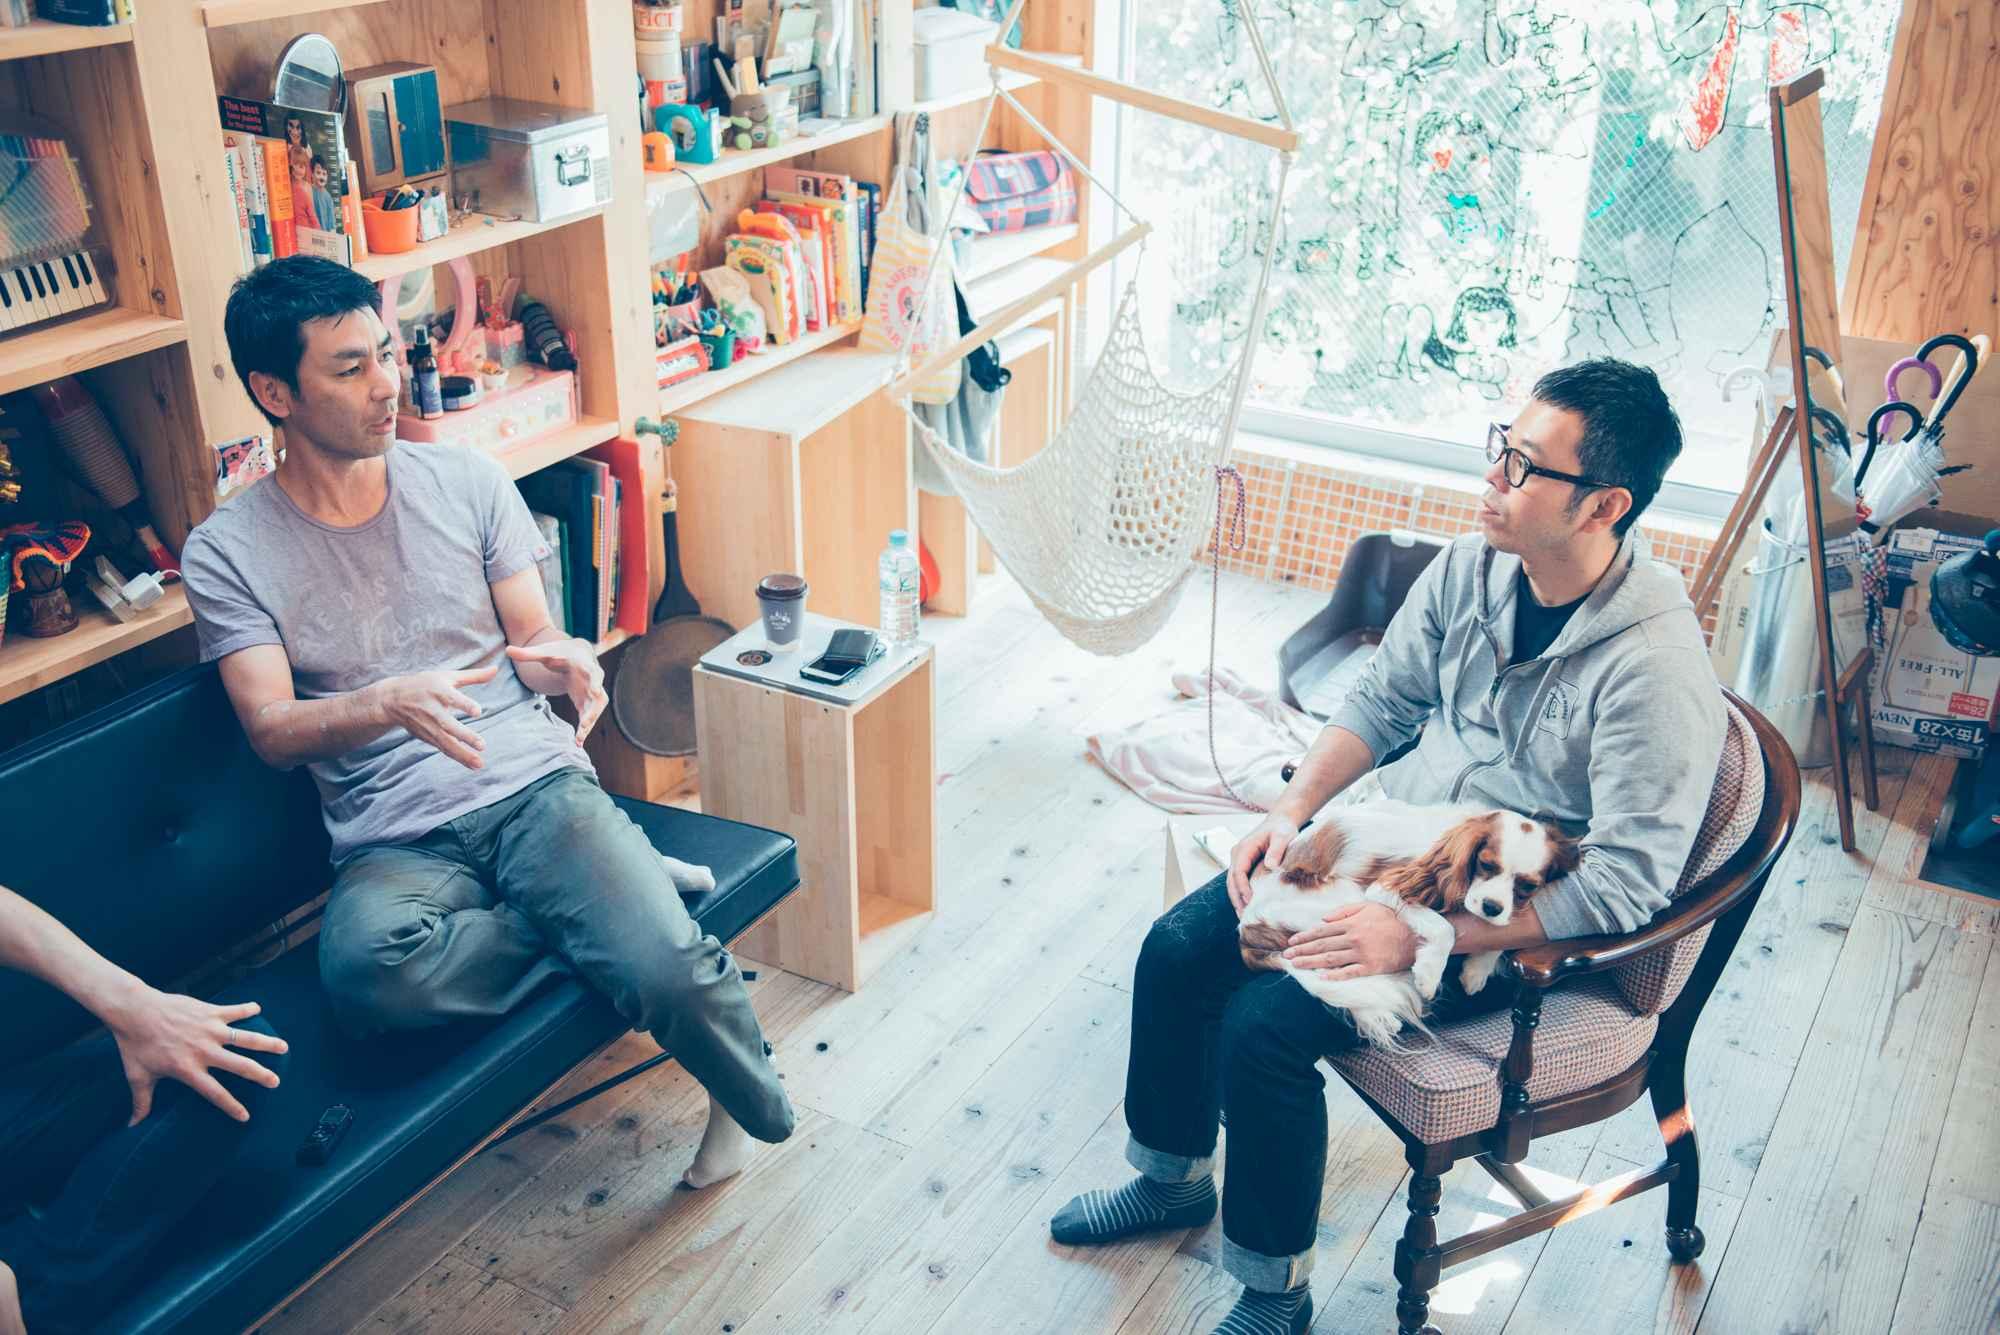 「どんな人が泊まりにくるのか?」も、Airbnbカルチャーの魅力。